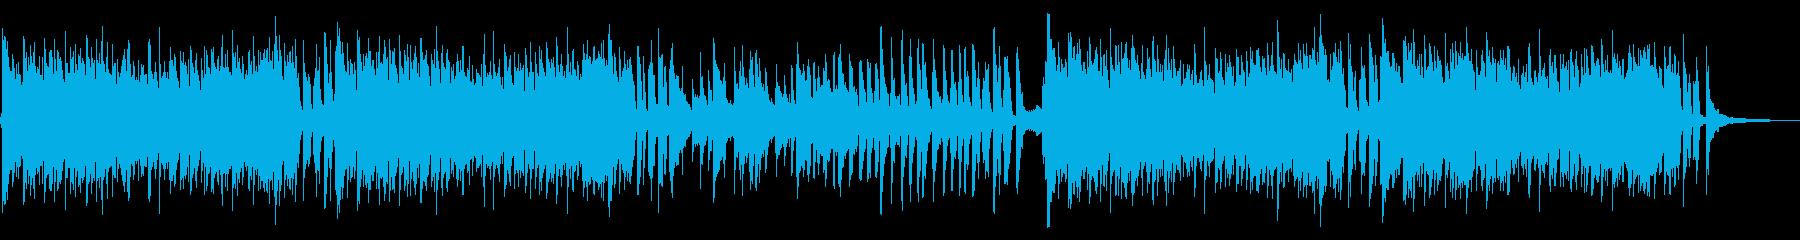 おしゃれメルヘンなアコースティックポップの再生済みの波形